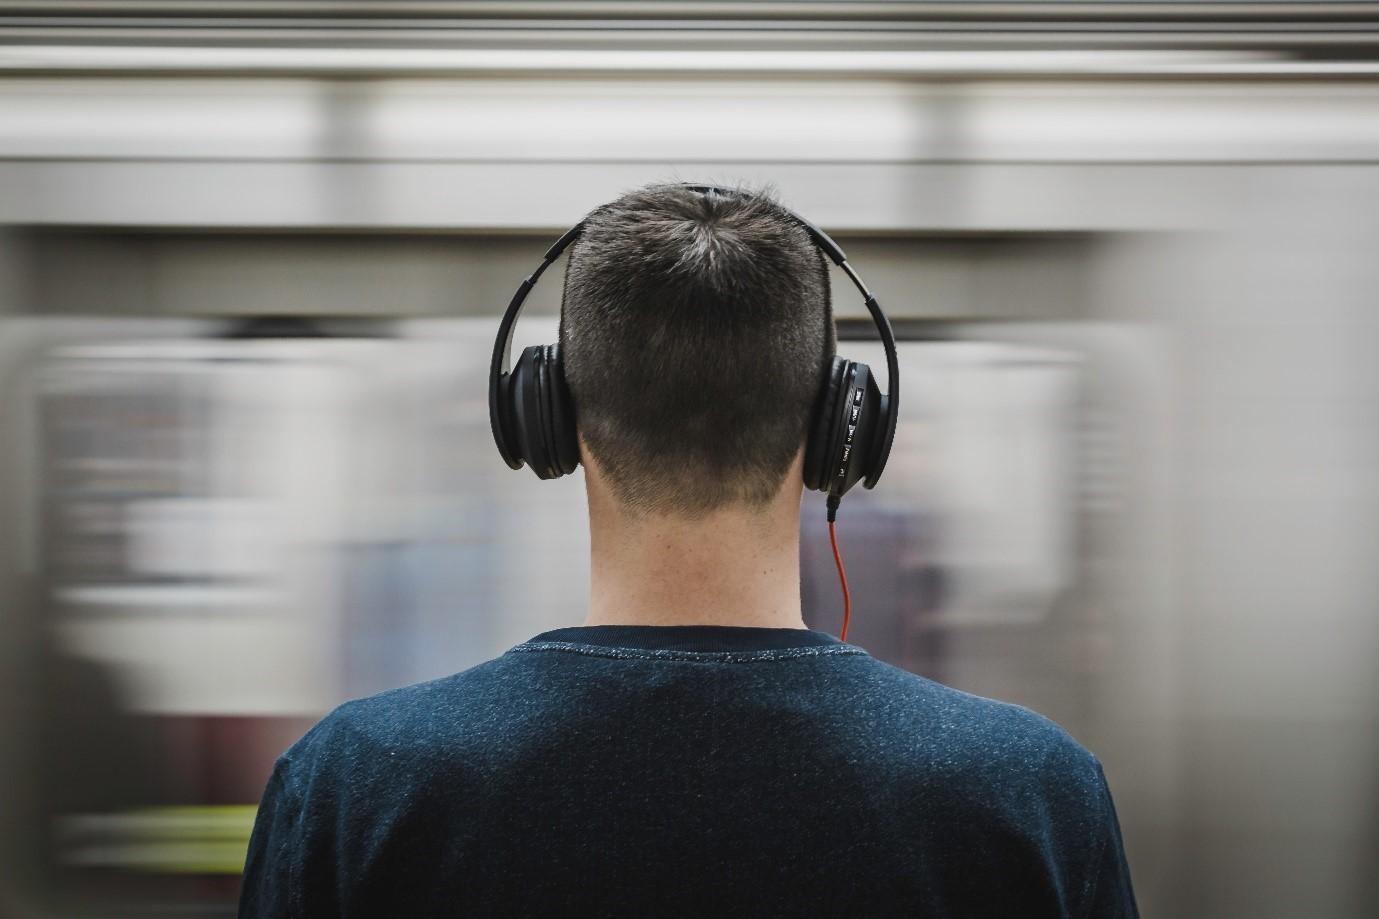 headphones-man-music-374777 compressed.jpg